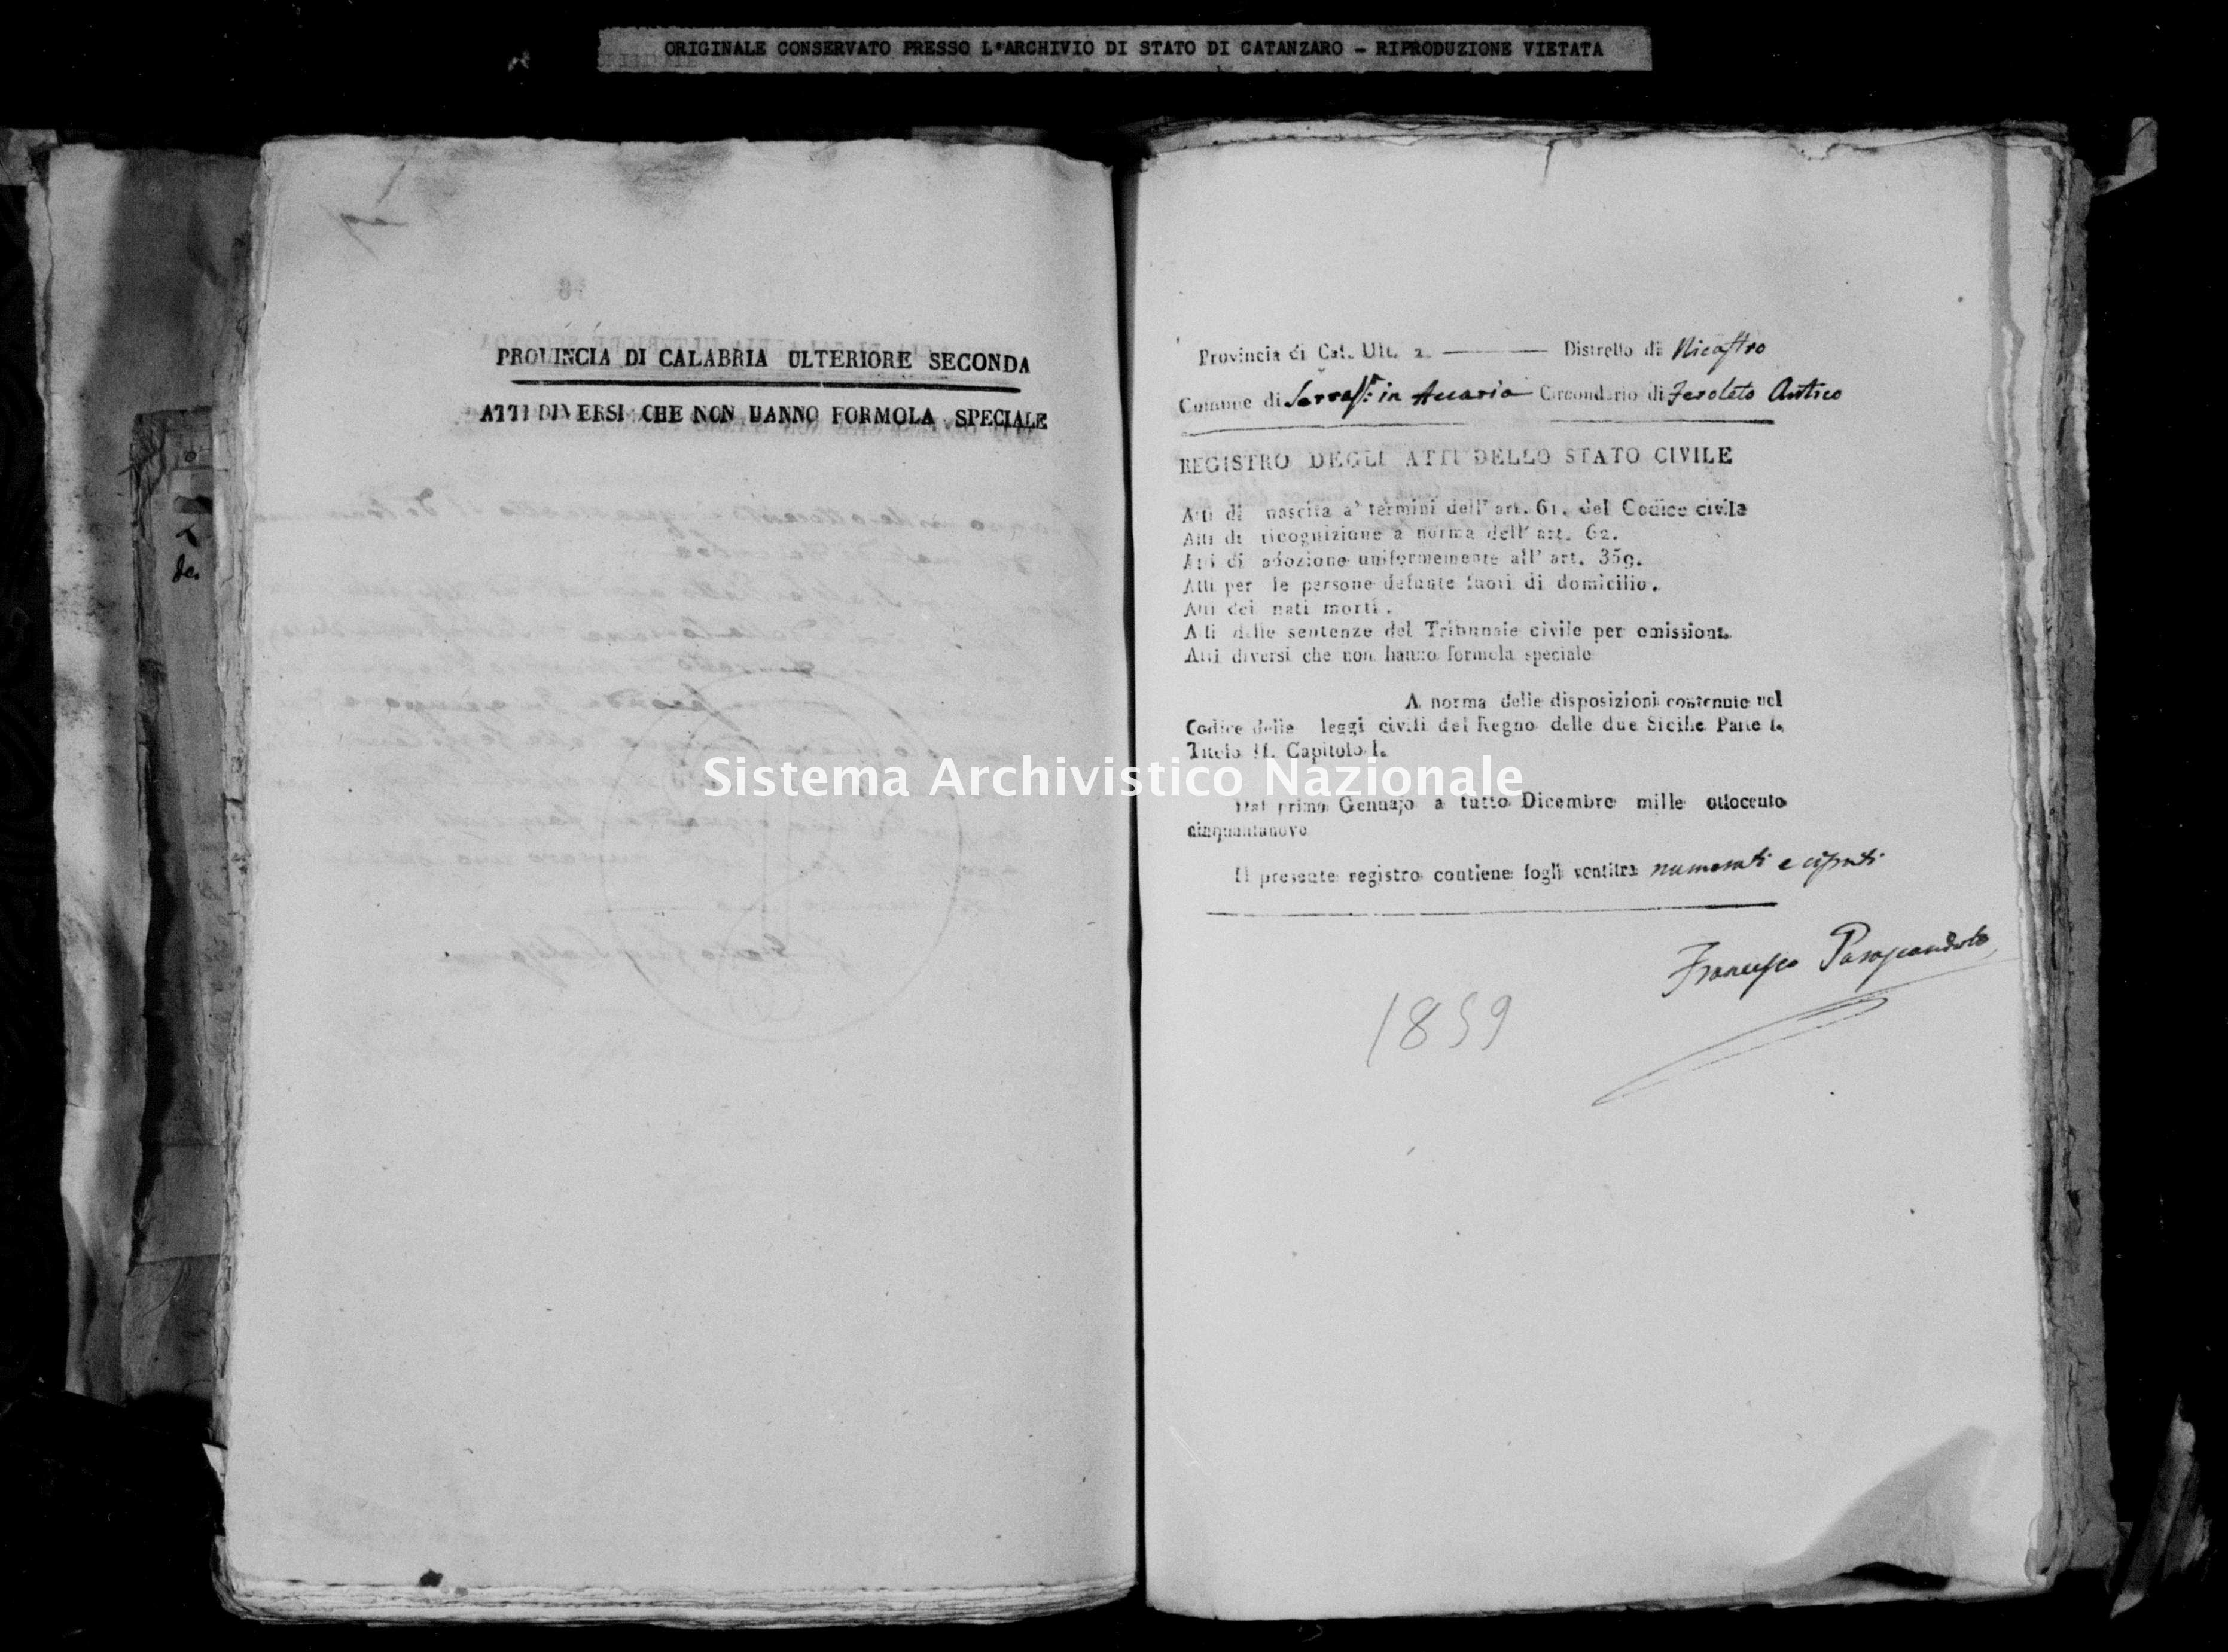 Archivio di stato di Catanzaro - Stato civile della restaurazione - Accaria - Diversi - 1859 -